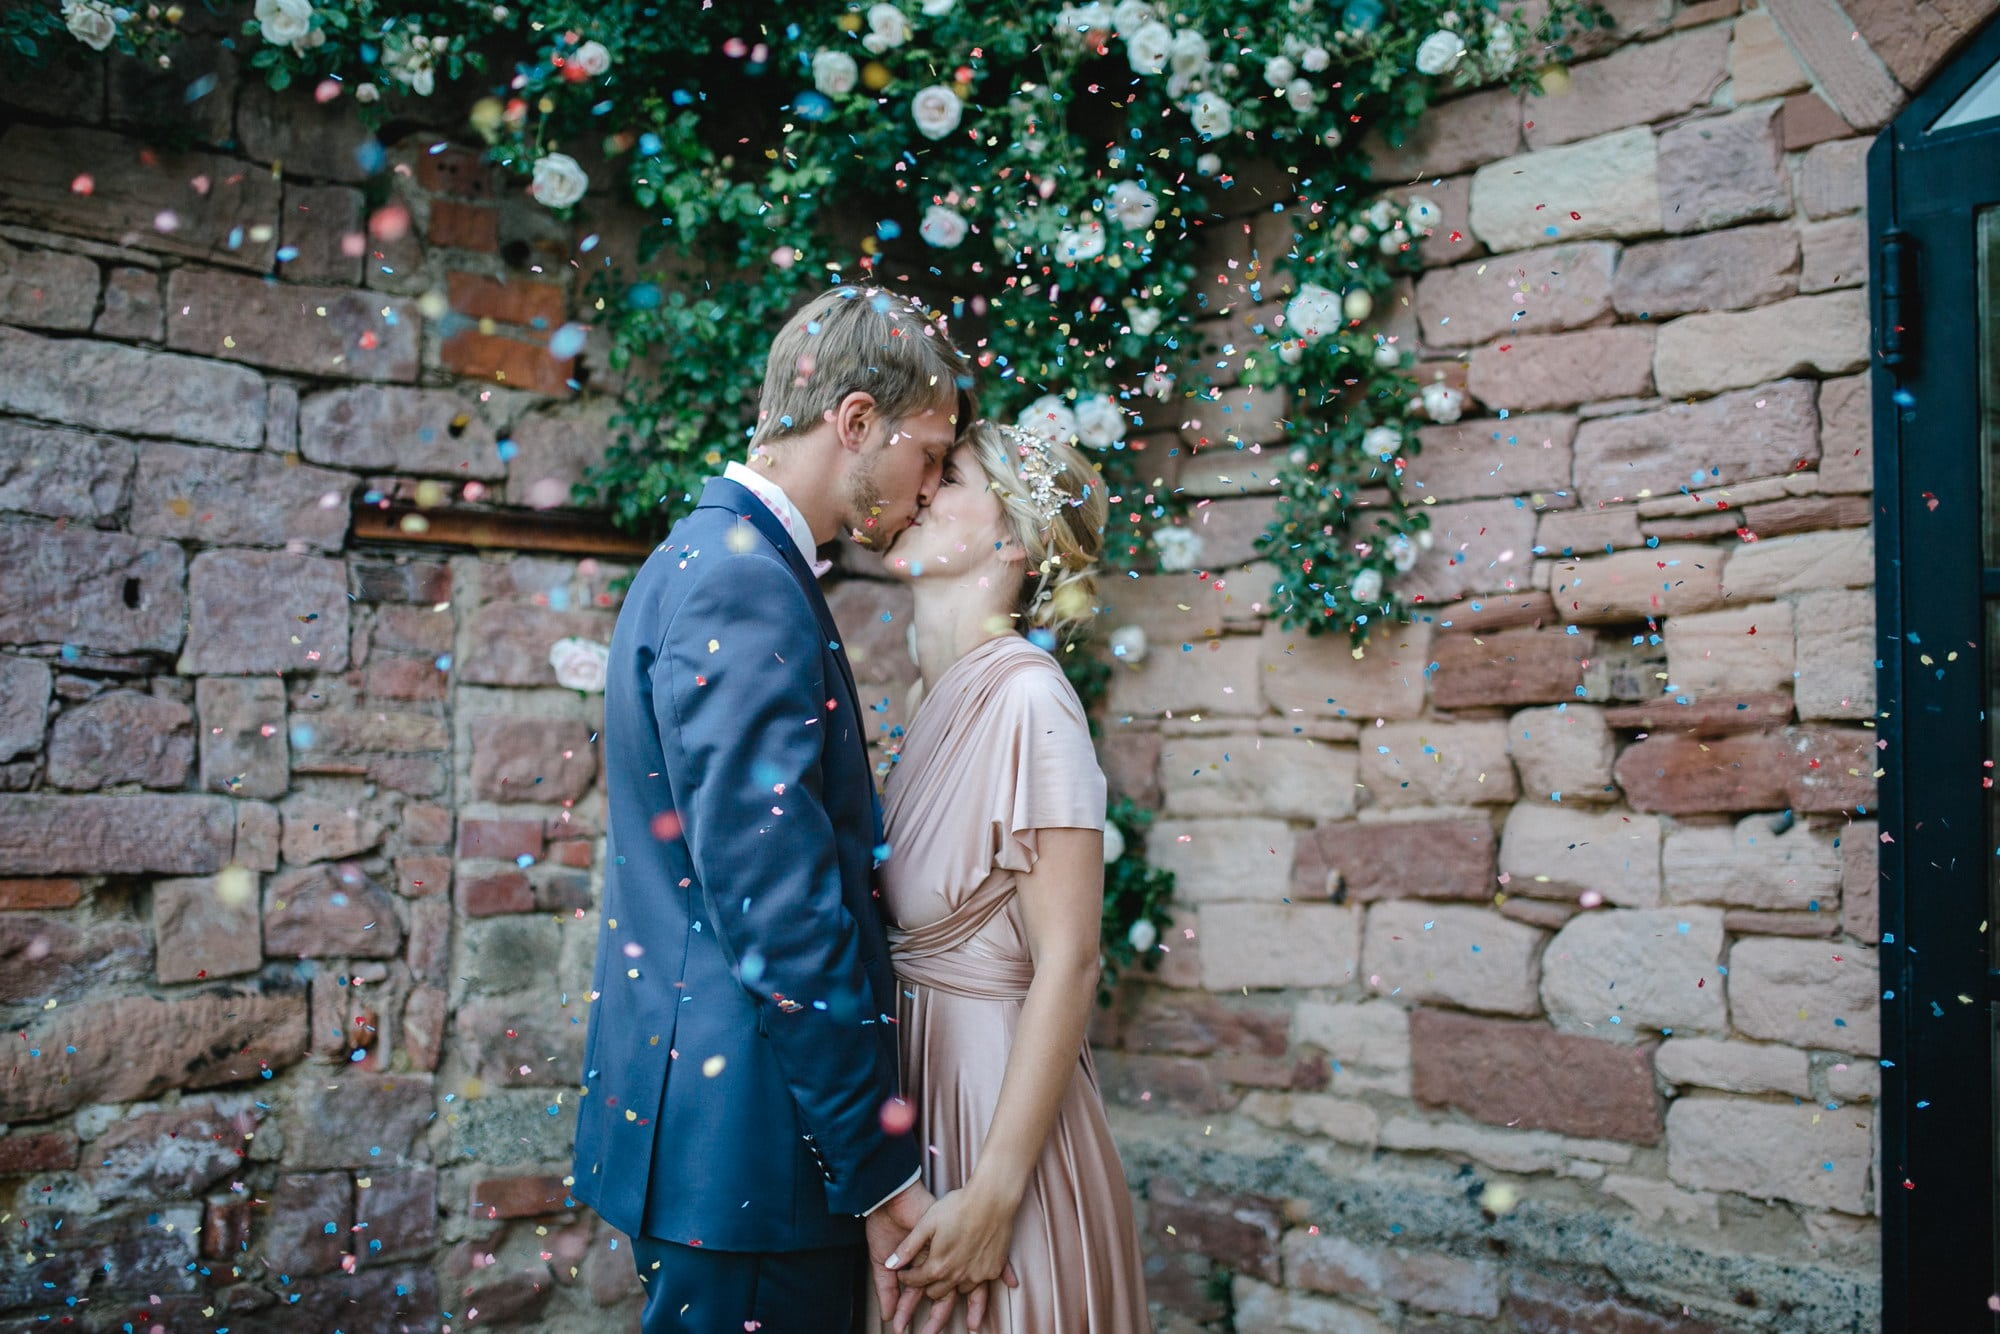 Brautpaar kuss Konfetti Steinmauer Blumen